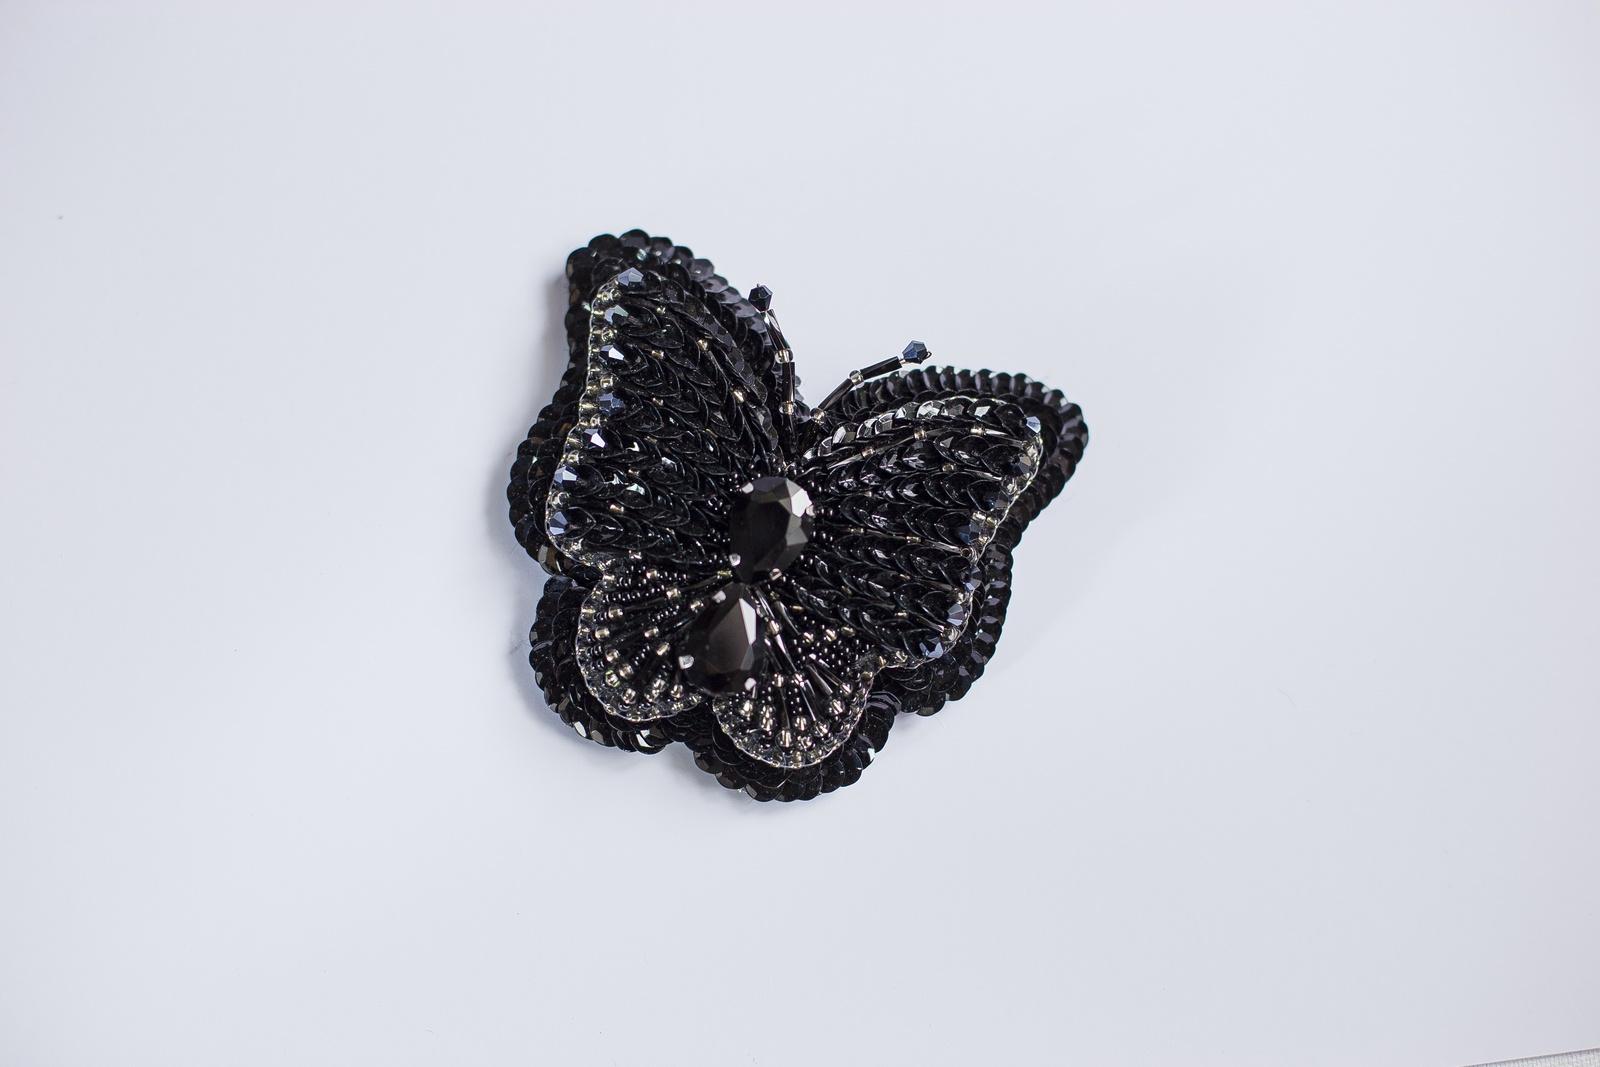 Брошь бижутерная Vivacase Butterfly Moth, Искусственная кожа, Бисер, Стразы, черный